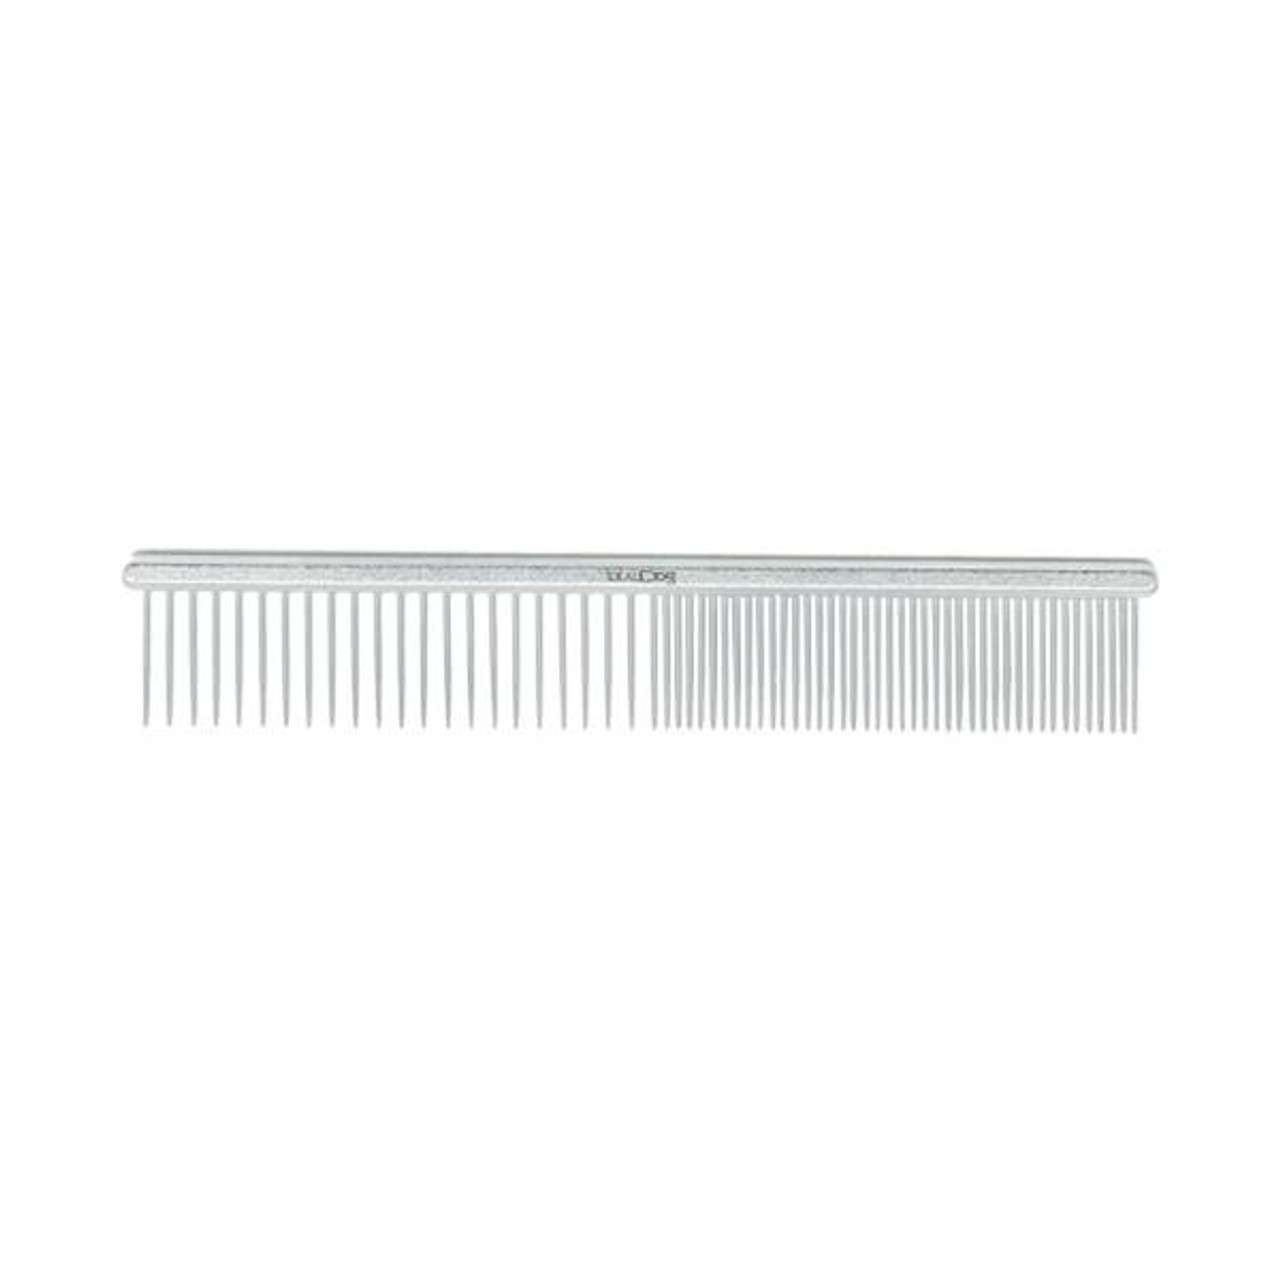 Idealdog Combi Comb 11.5cm